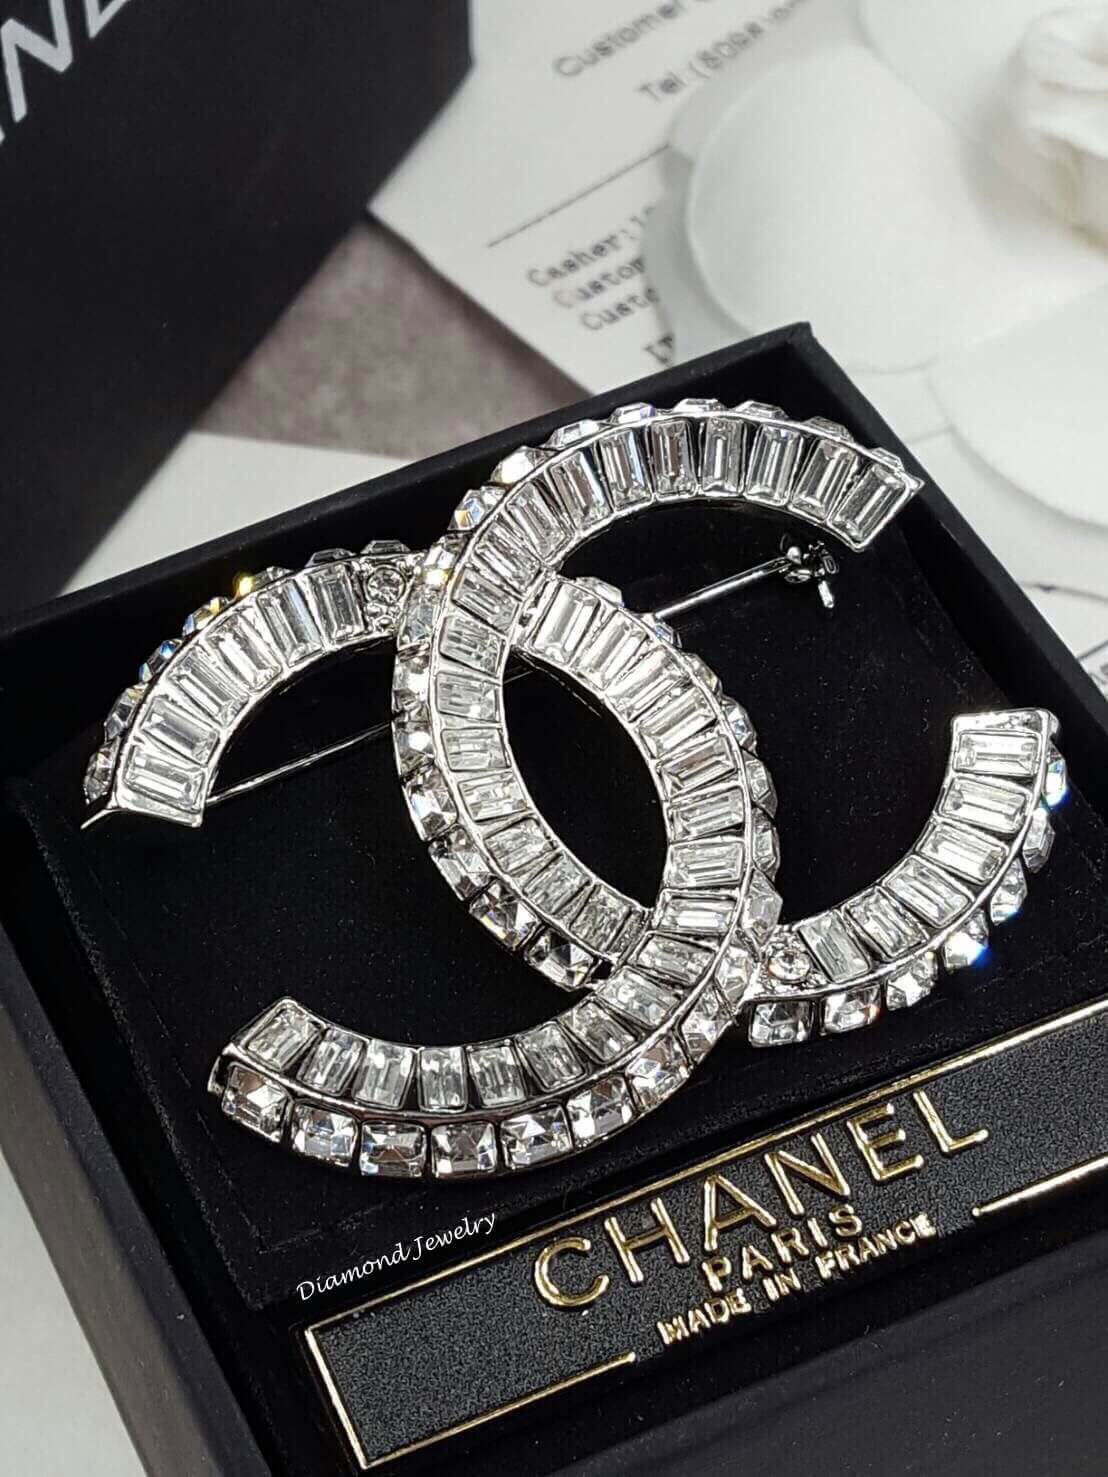 พร้อมส่ง Chanel Brooch งานซุปเปอร์ไฮเอนรุ่นนี้เพชรสวยเว่อร์ๆ